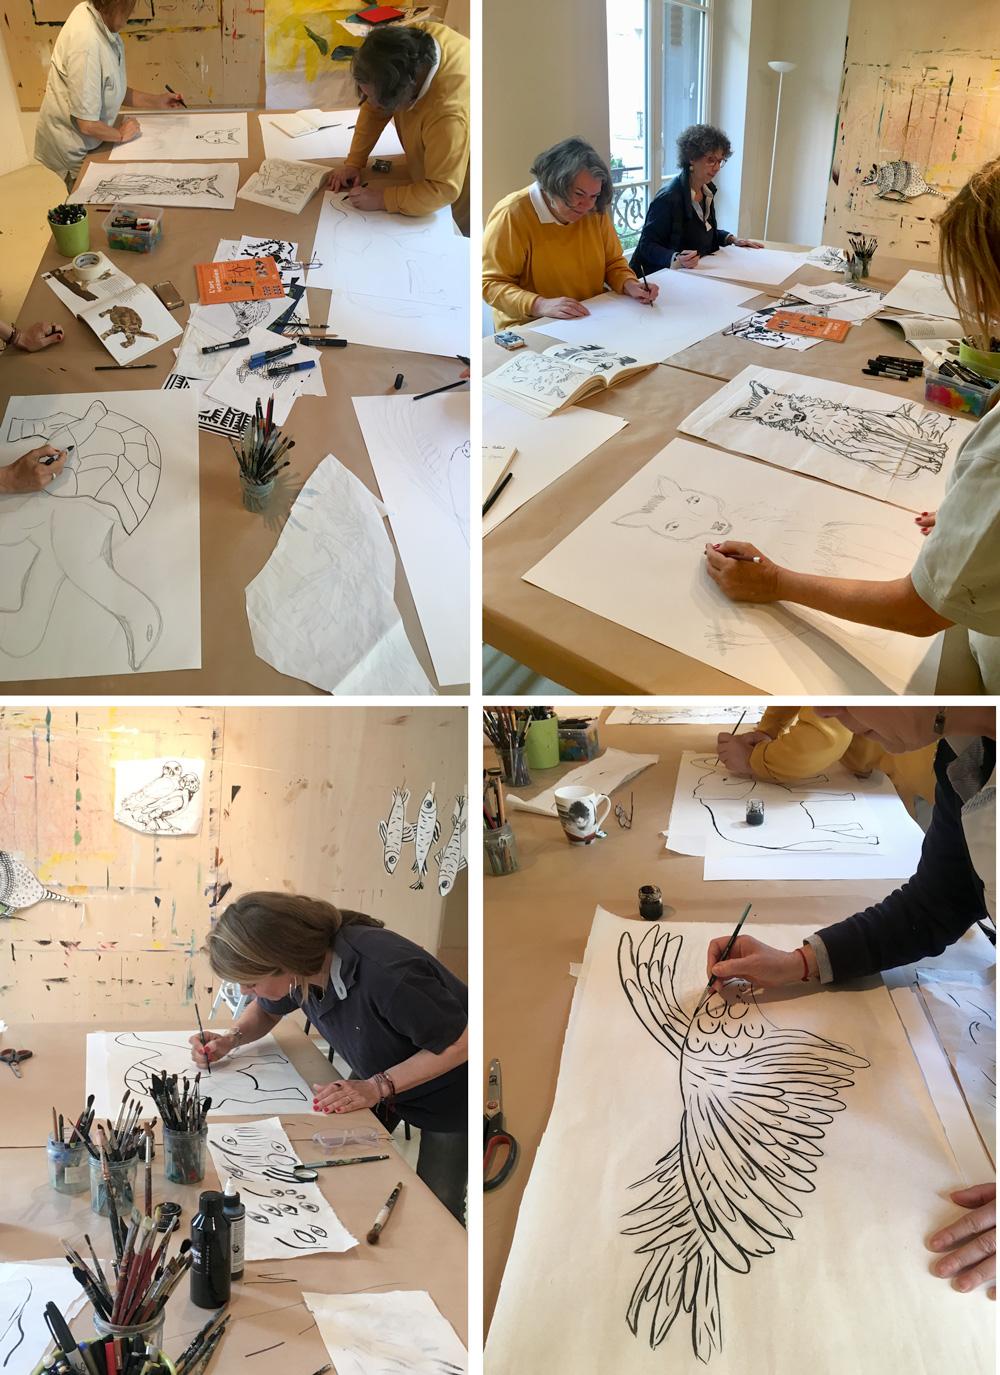 atelier-art-mural-2wb-